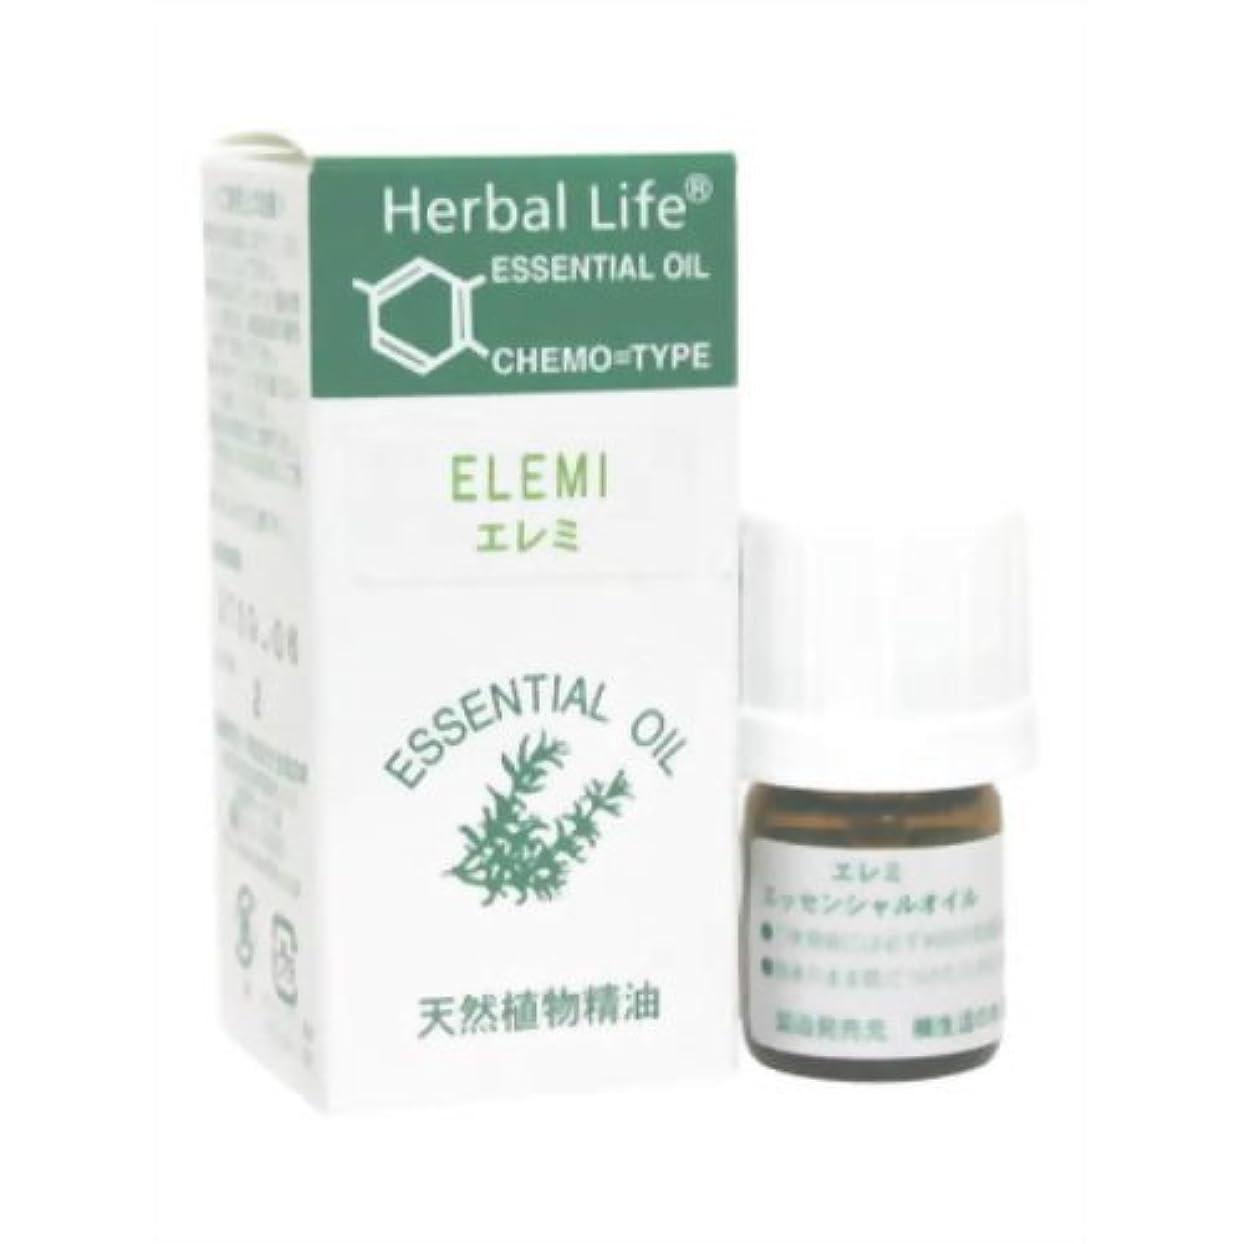 迷惑できれば厳しい生活の木 Herbal Life エレミ 3ml